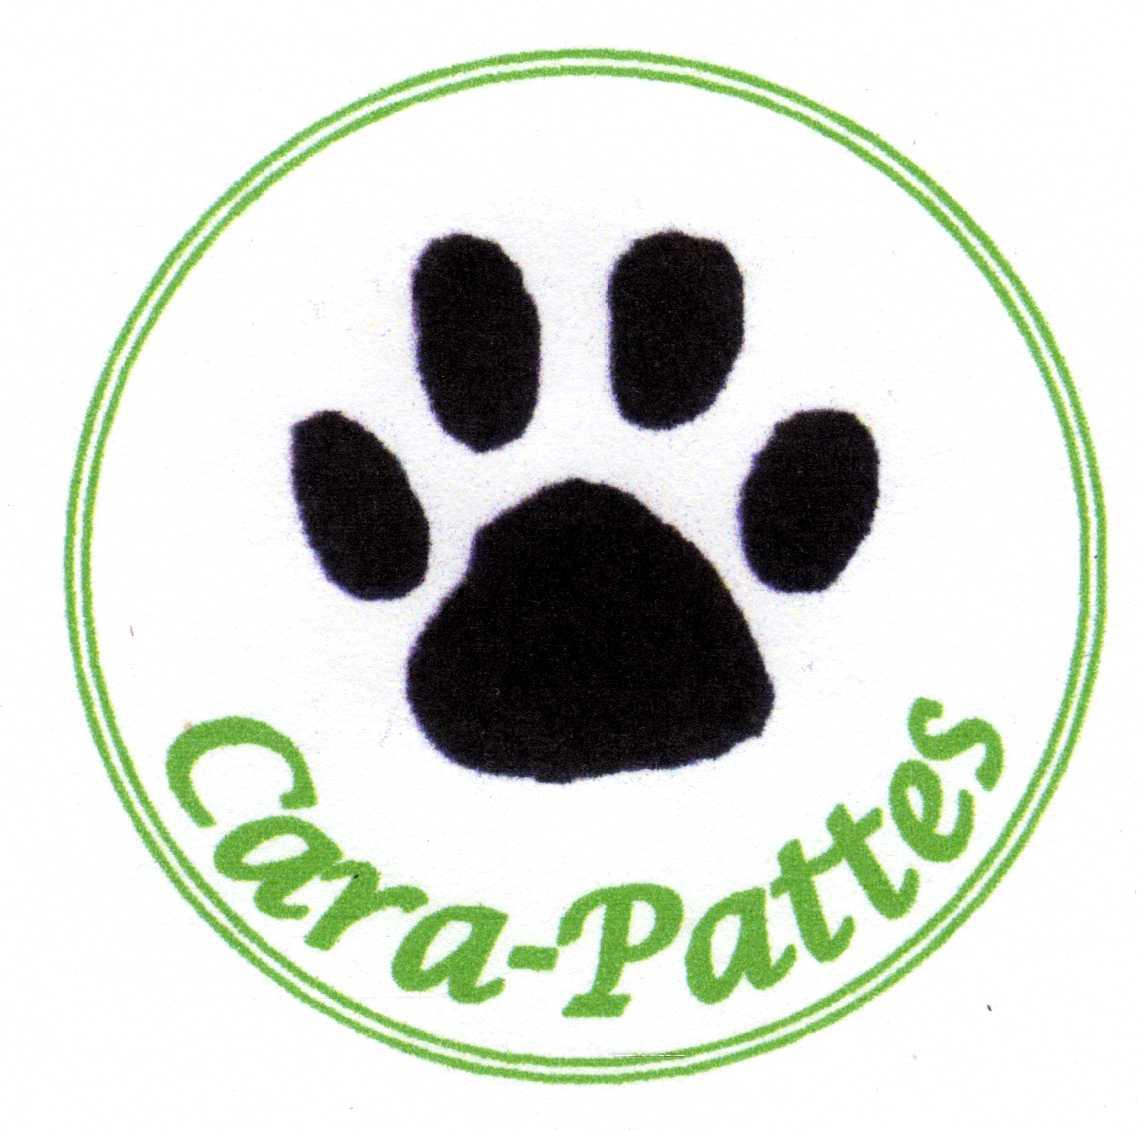 CARA-PATTES